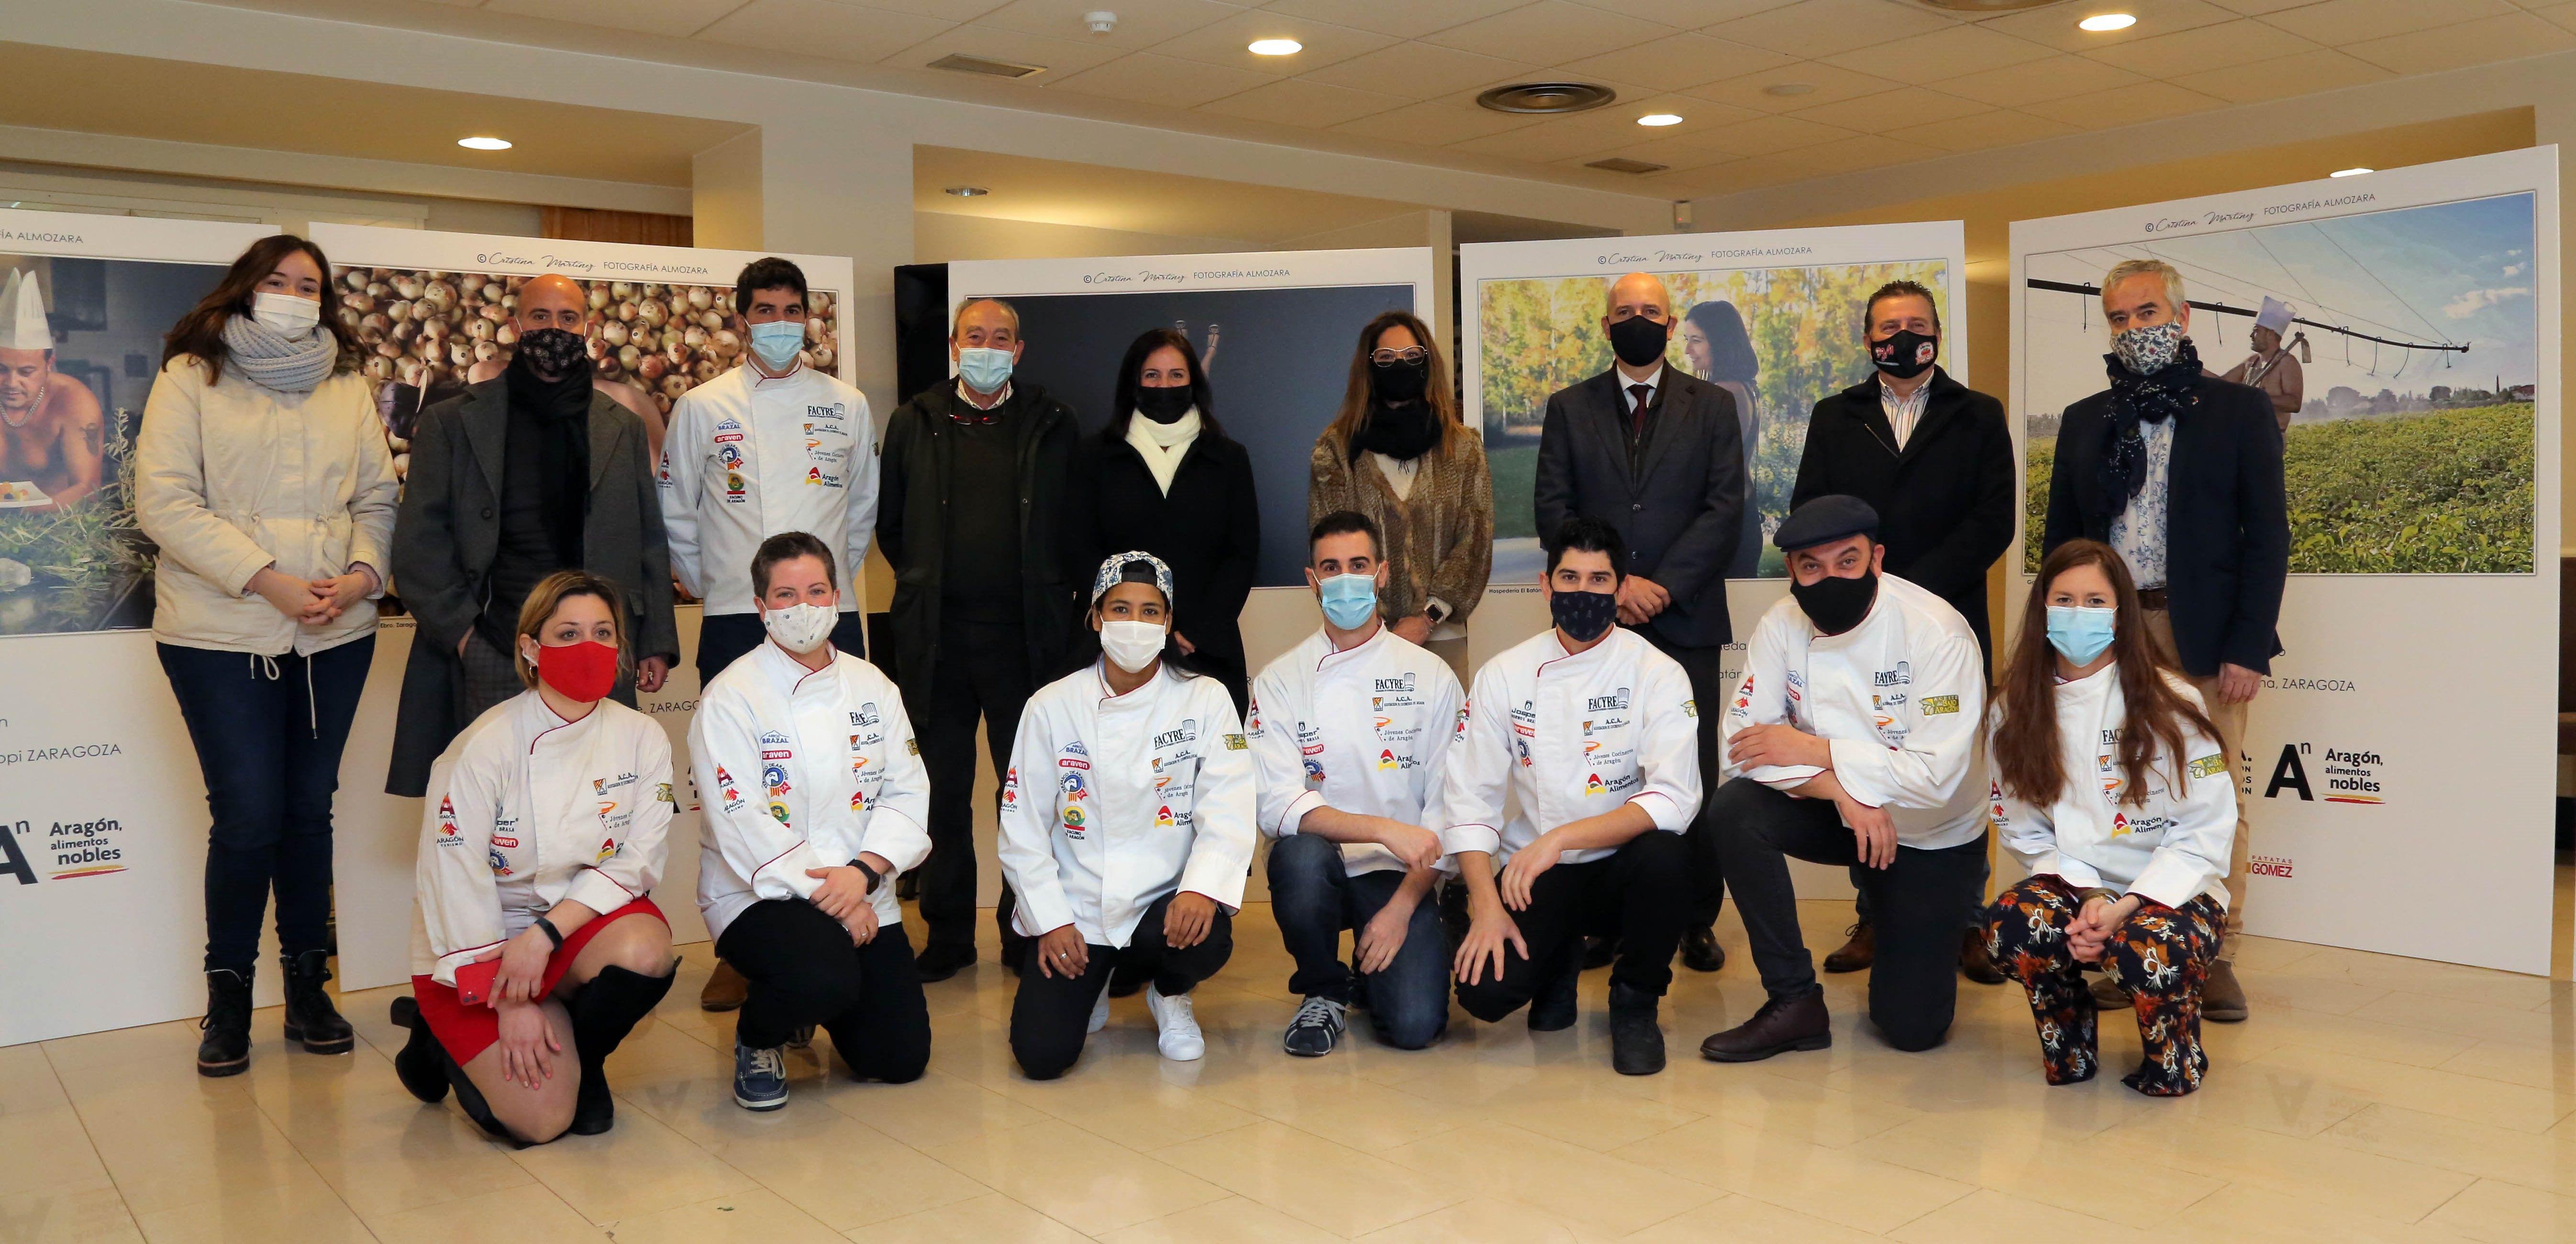 Cocineros y alimentos de Aragón, al desnudo, por una buena causa